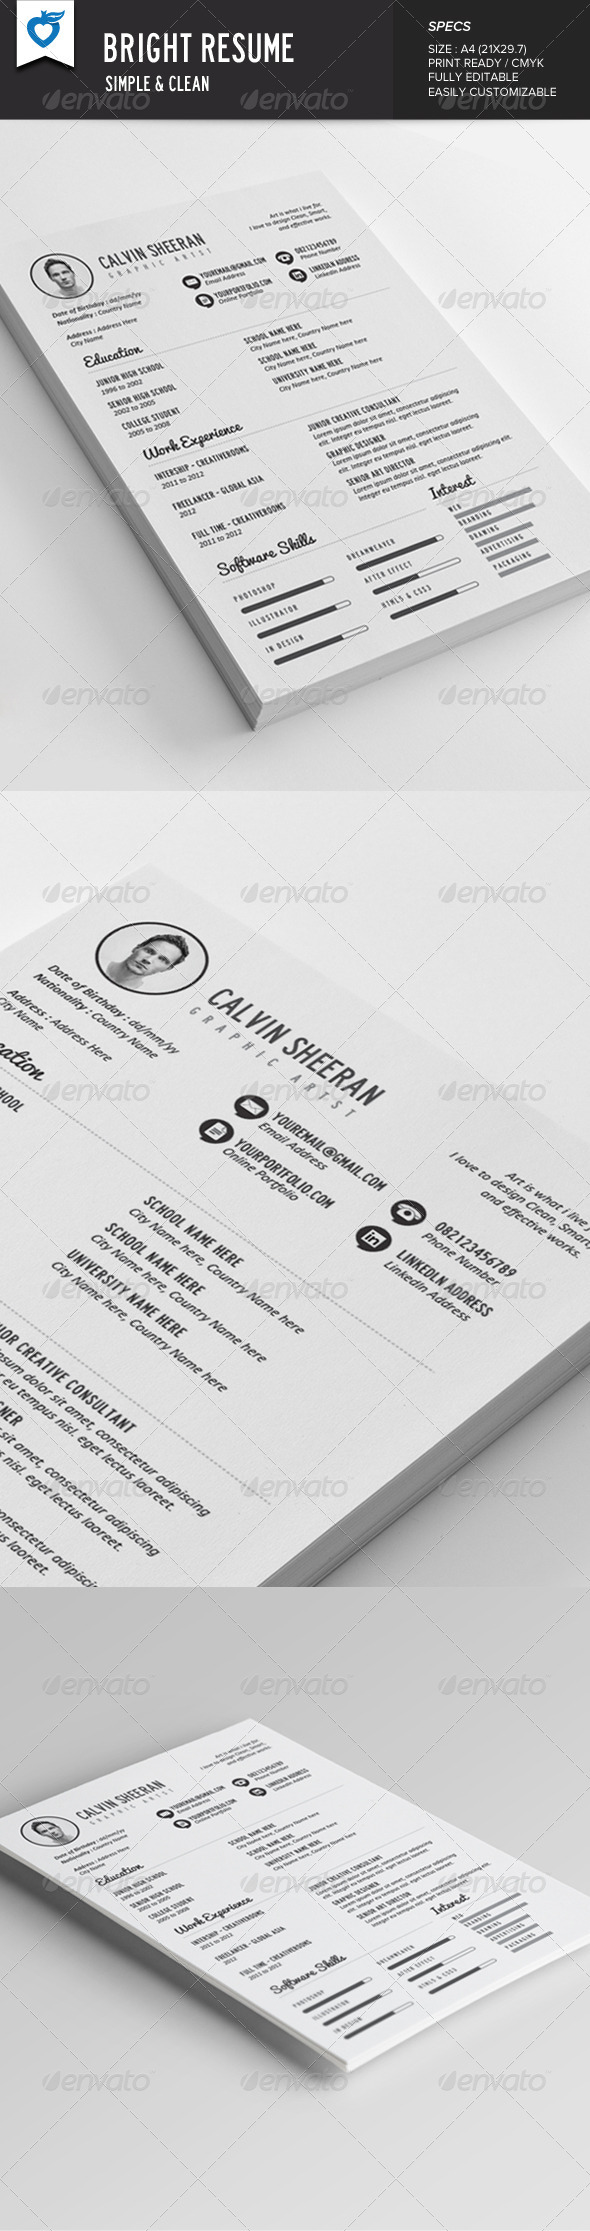 GraphicRiver Bright Resume 7686360